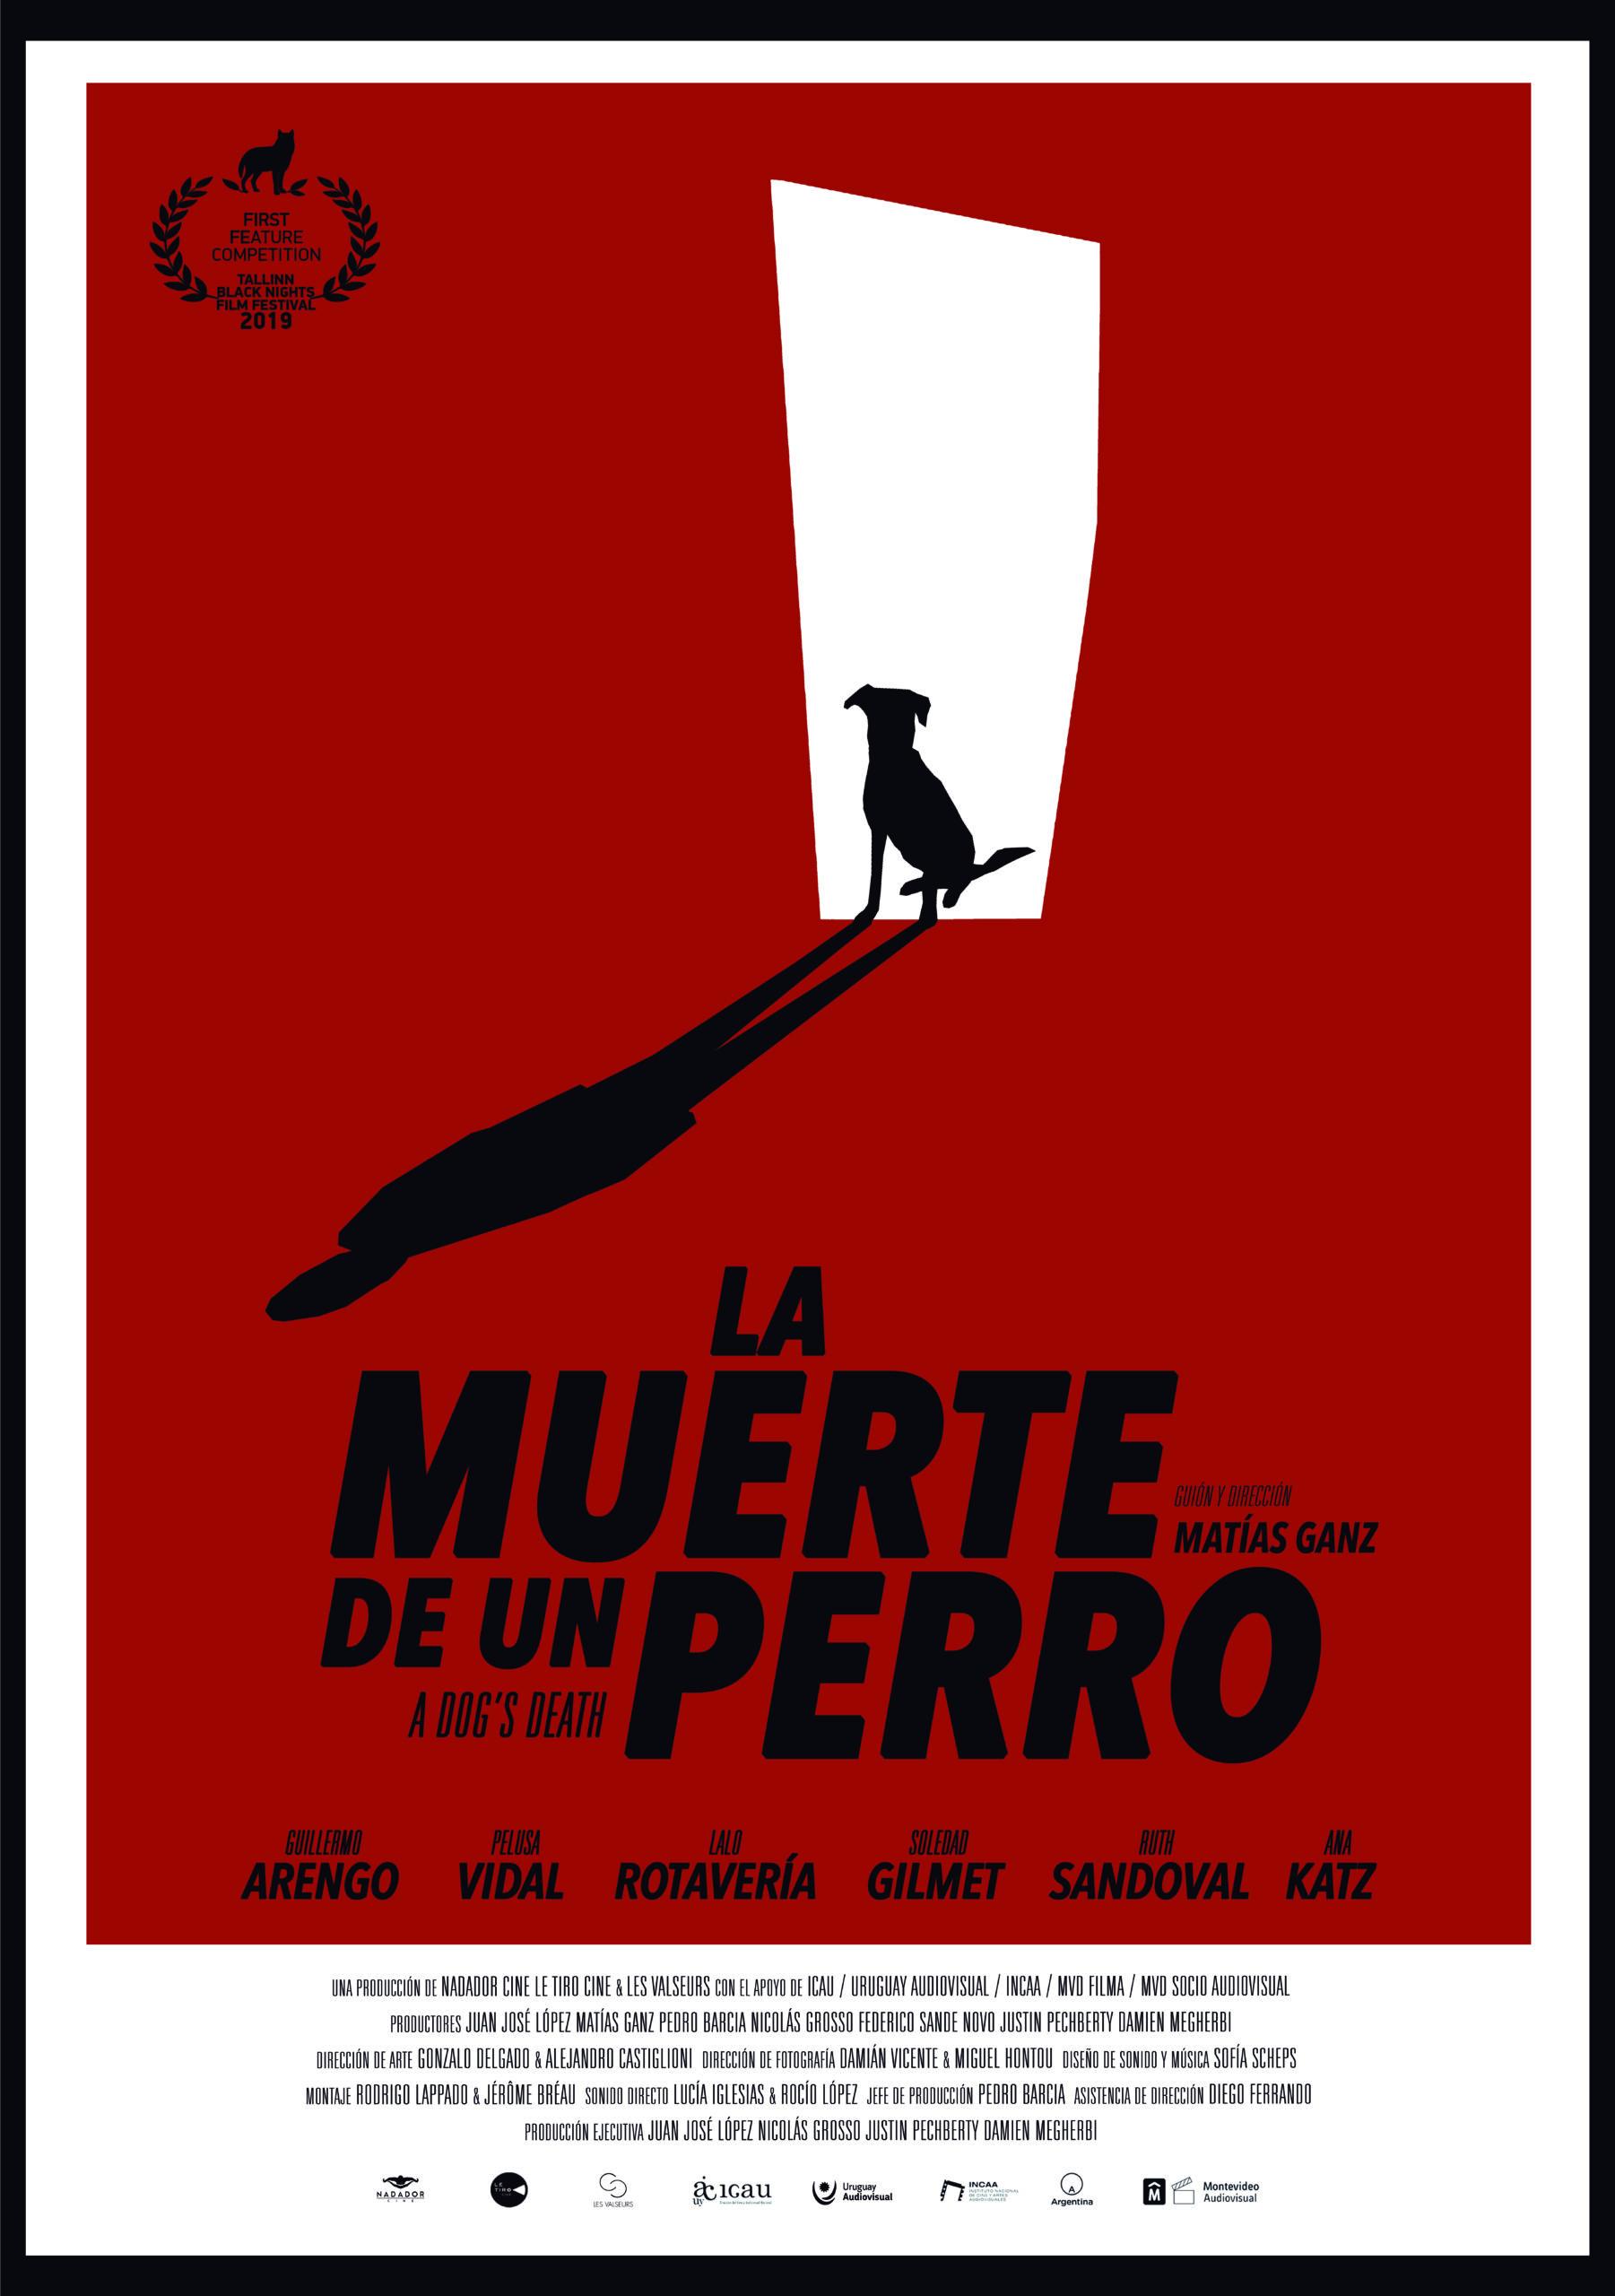 La Muerte de un Perro de Matías Ganz. Crítica. – SOLO FUI AL CINE